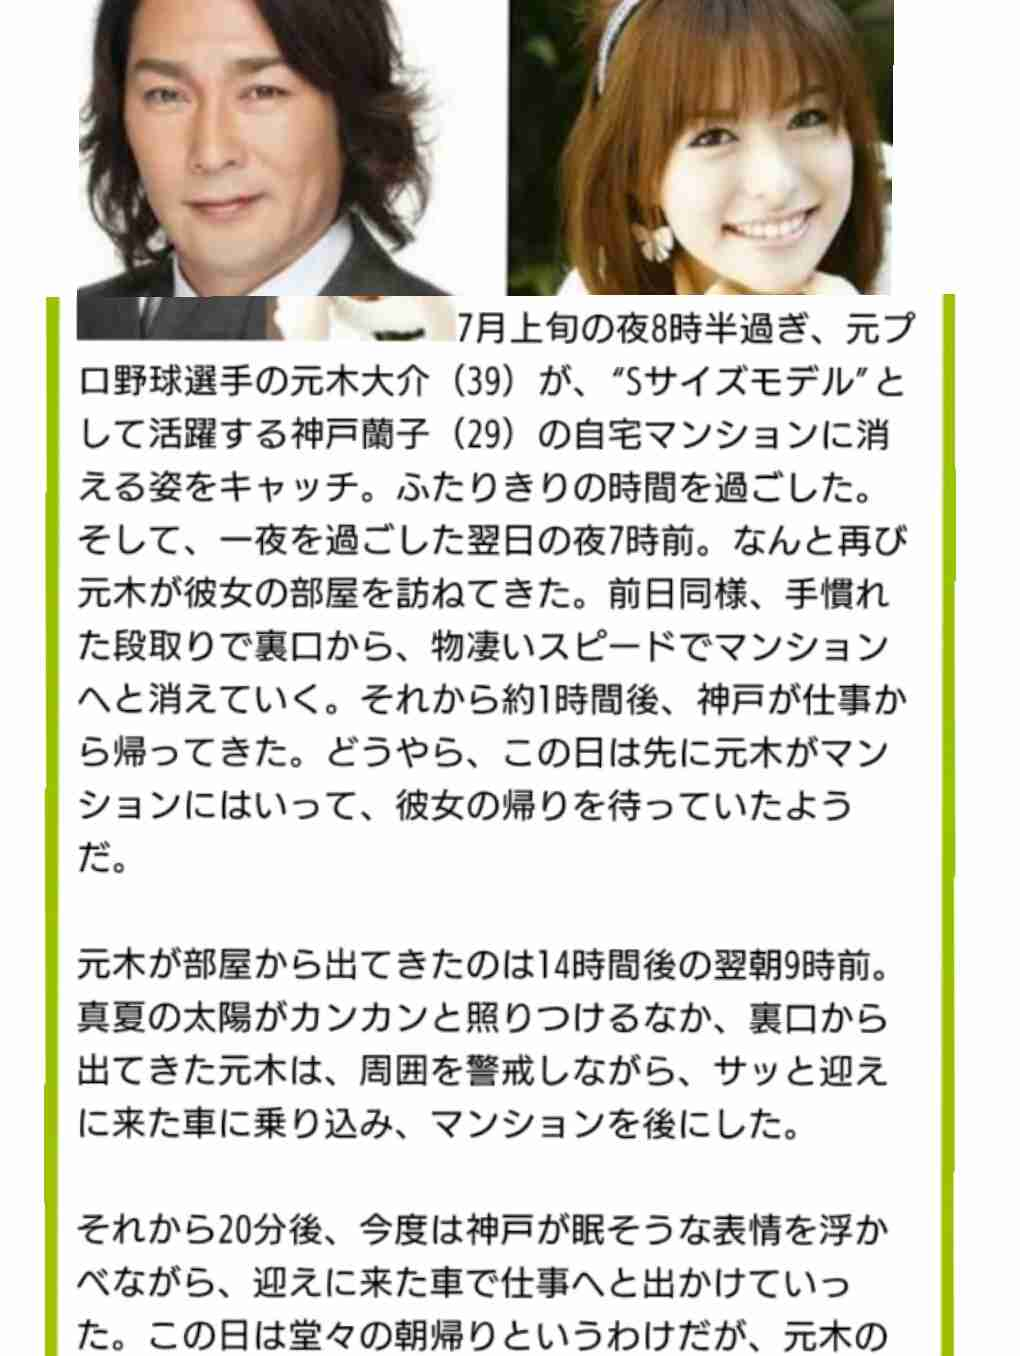 神戸蘭子さん1歳長男がイヤイヤ期に 通りがかった女性から「最近のお母さんは子供が泣いてもほったらかしなのね」